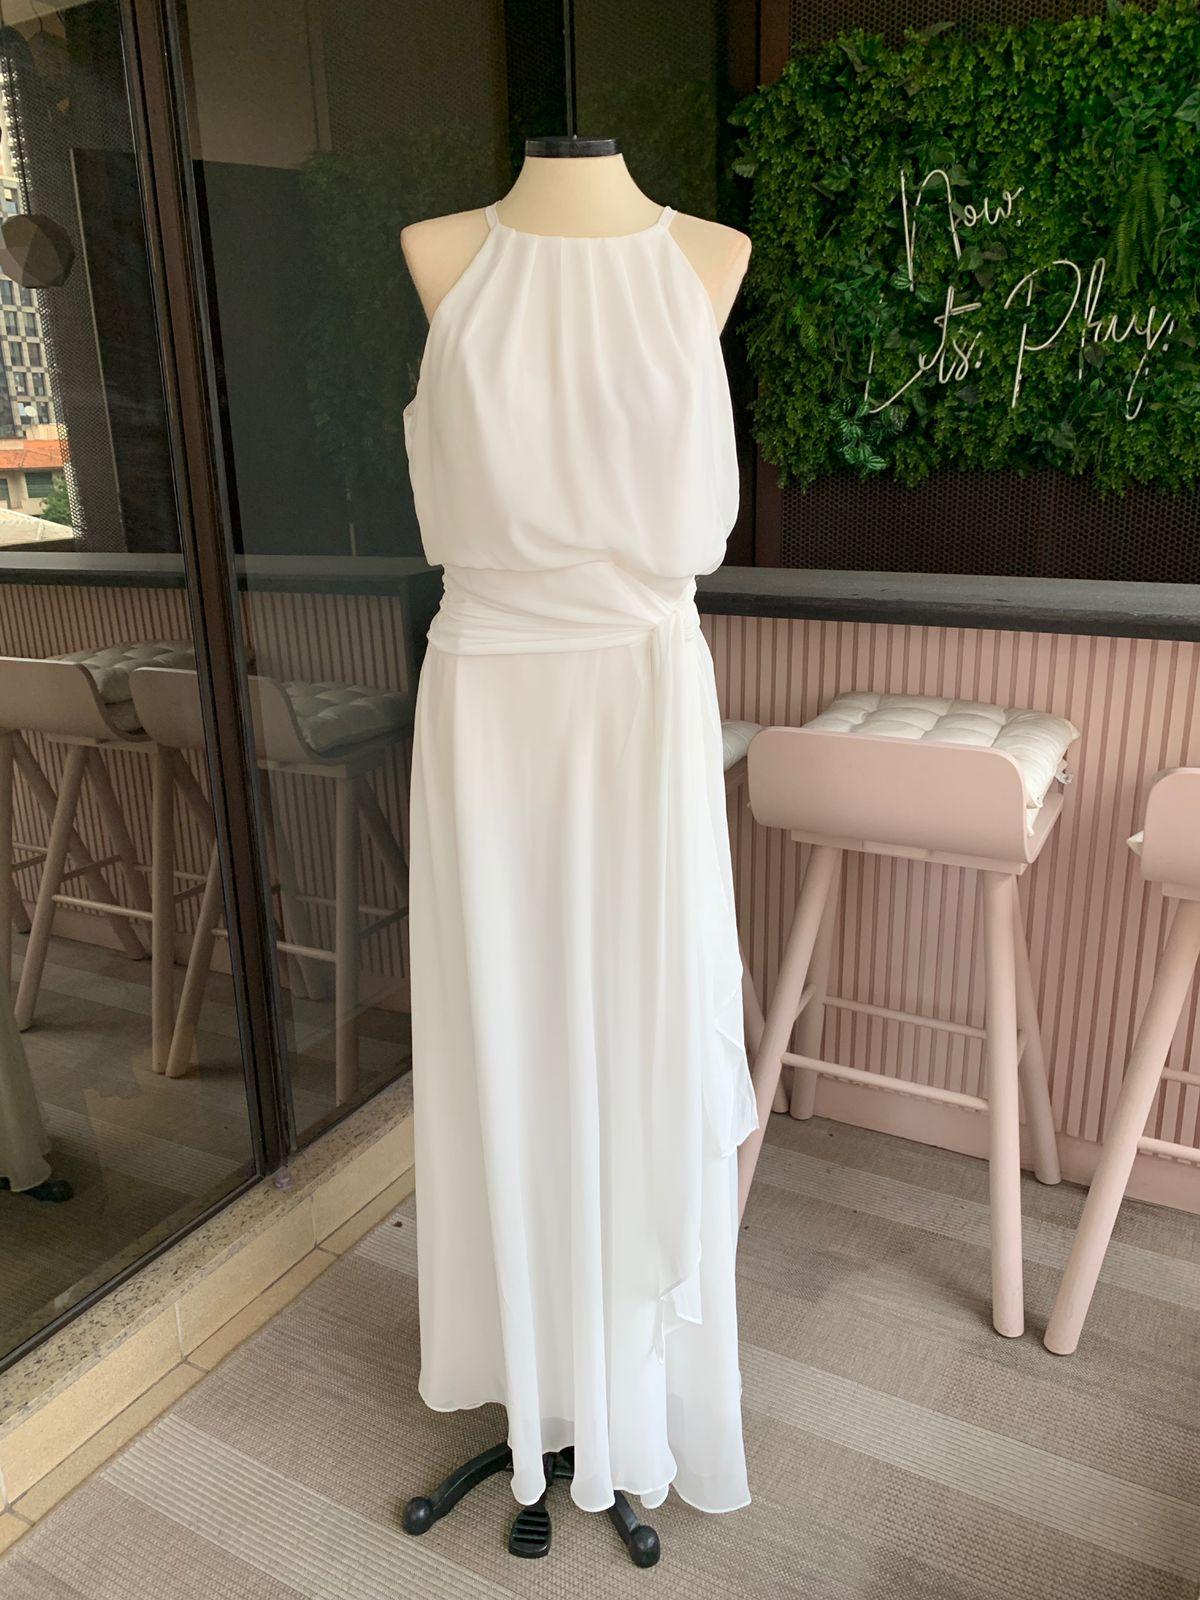 Vestido Sevilha Branco